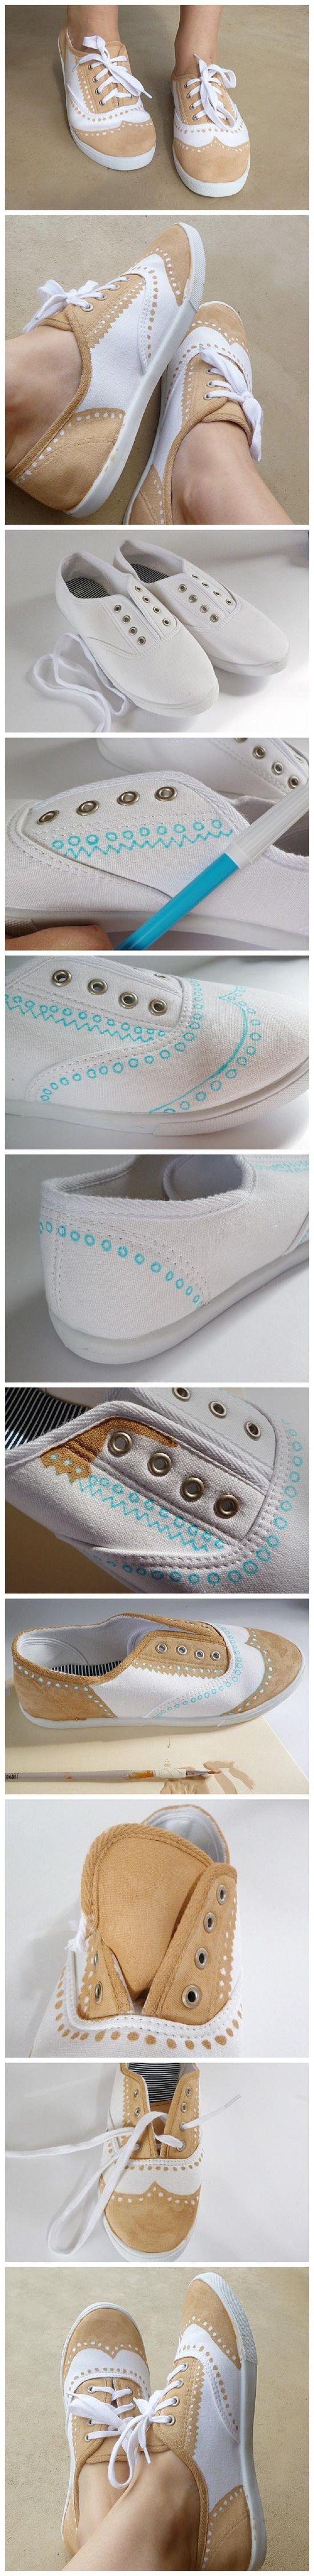 Idées... Pour avoir des chaussures personnalisés